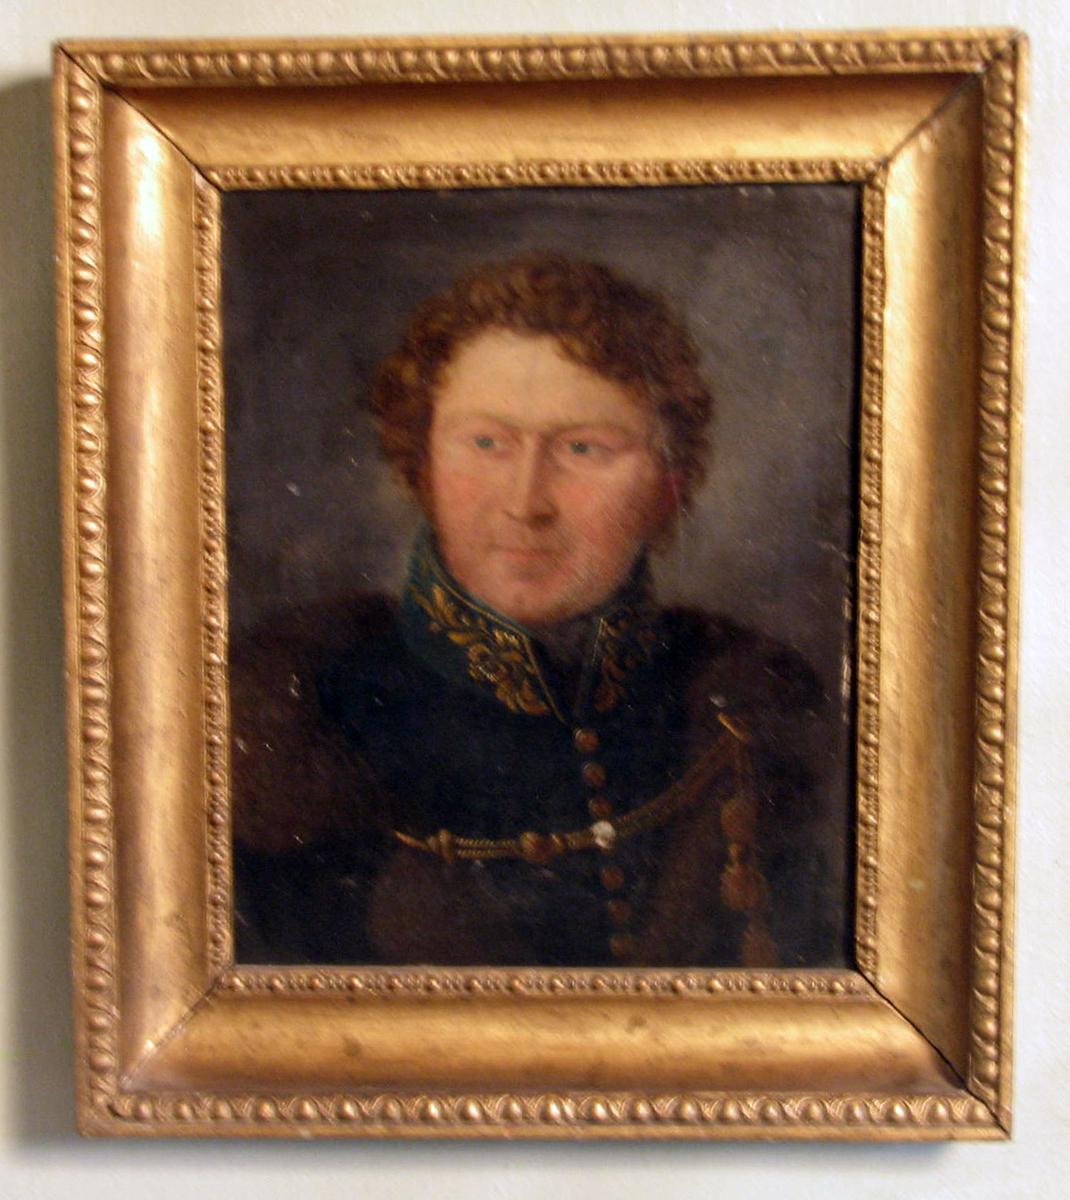 Rektangulært ; ramme: plastisk dek. Brystbilde; mann i uniform; ansikt noe venstrev.,rødl. karnasjon,; brunt, krøllet hår; skinnkant. kappe over skuldrene; gråblå bakgr.